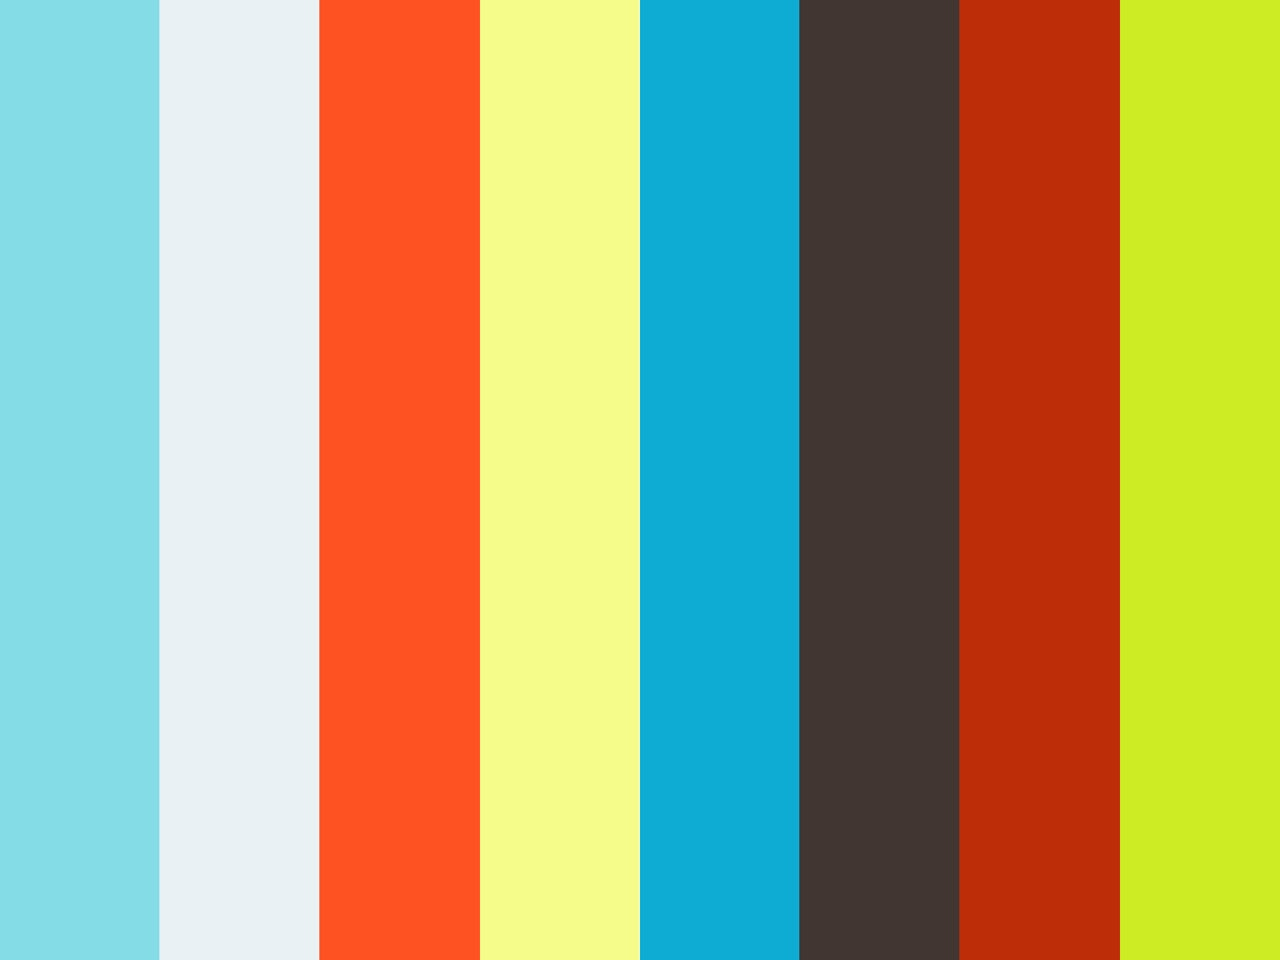 Change Car Color - Photoshop